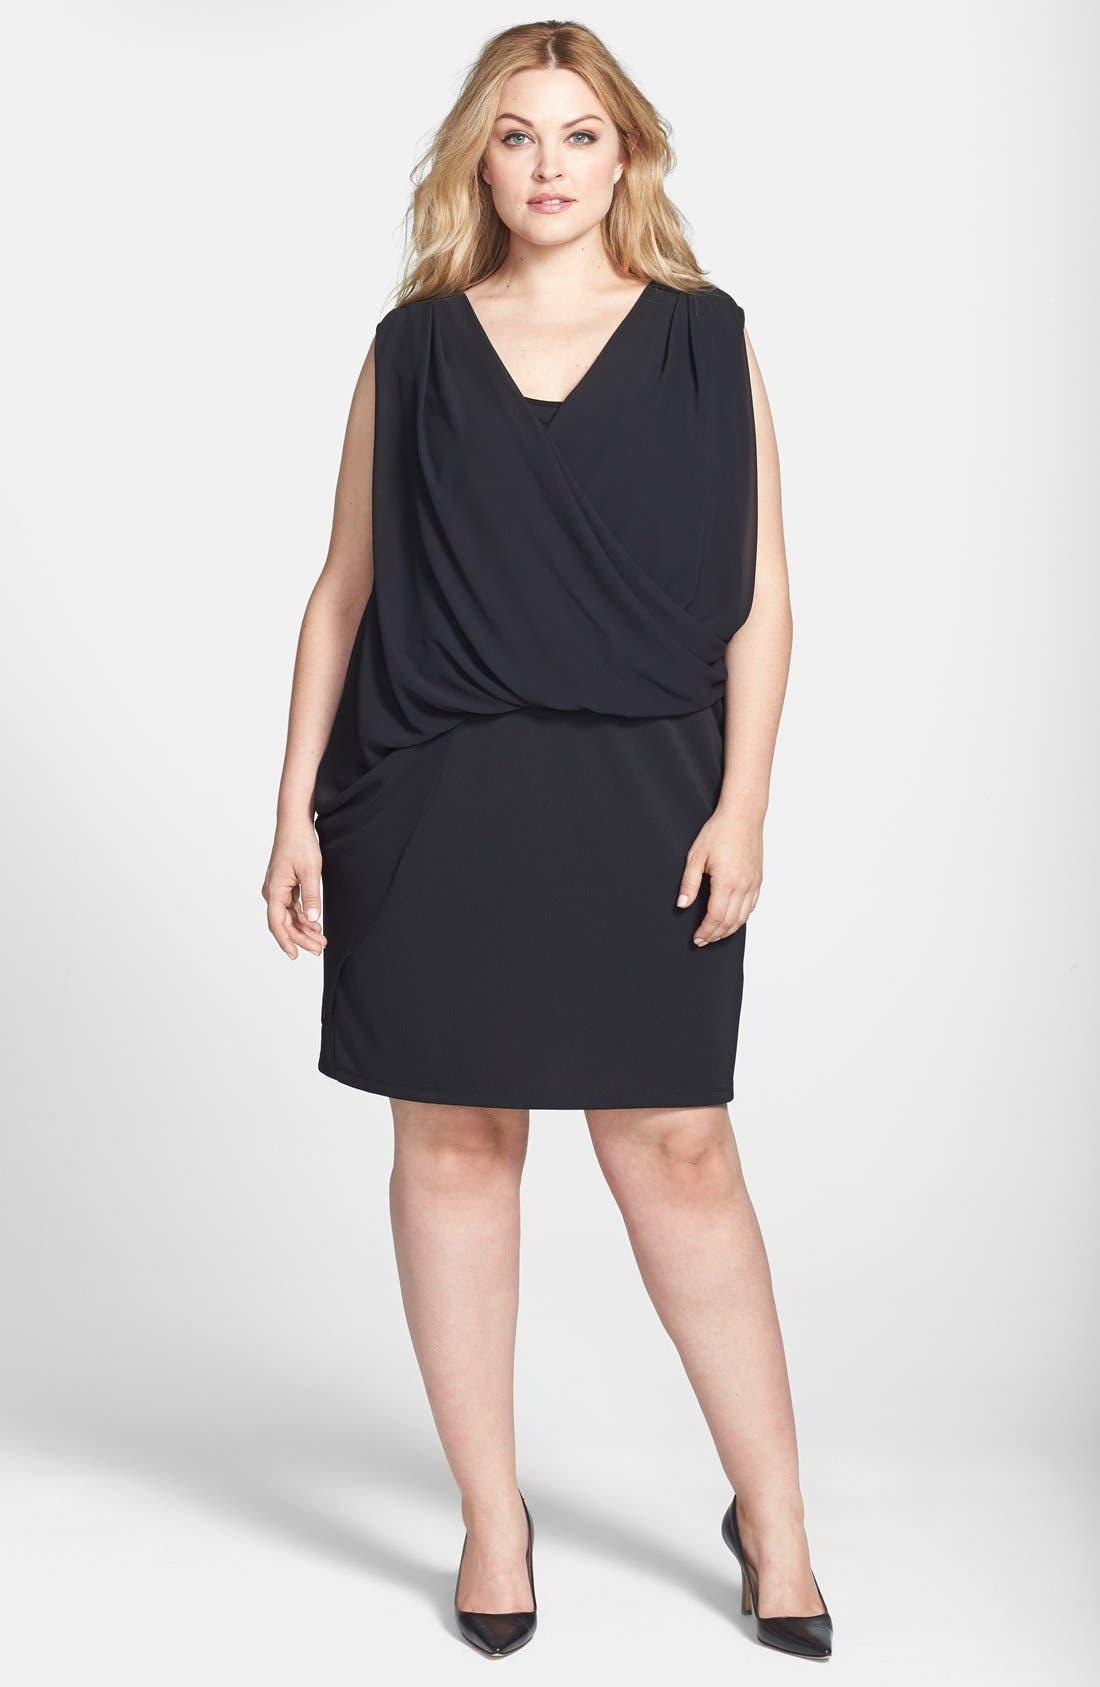 Main Image - DKNYC Chiffon Overlay Dress (Plus Size)